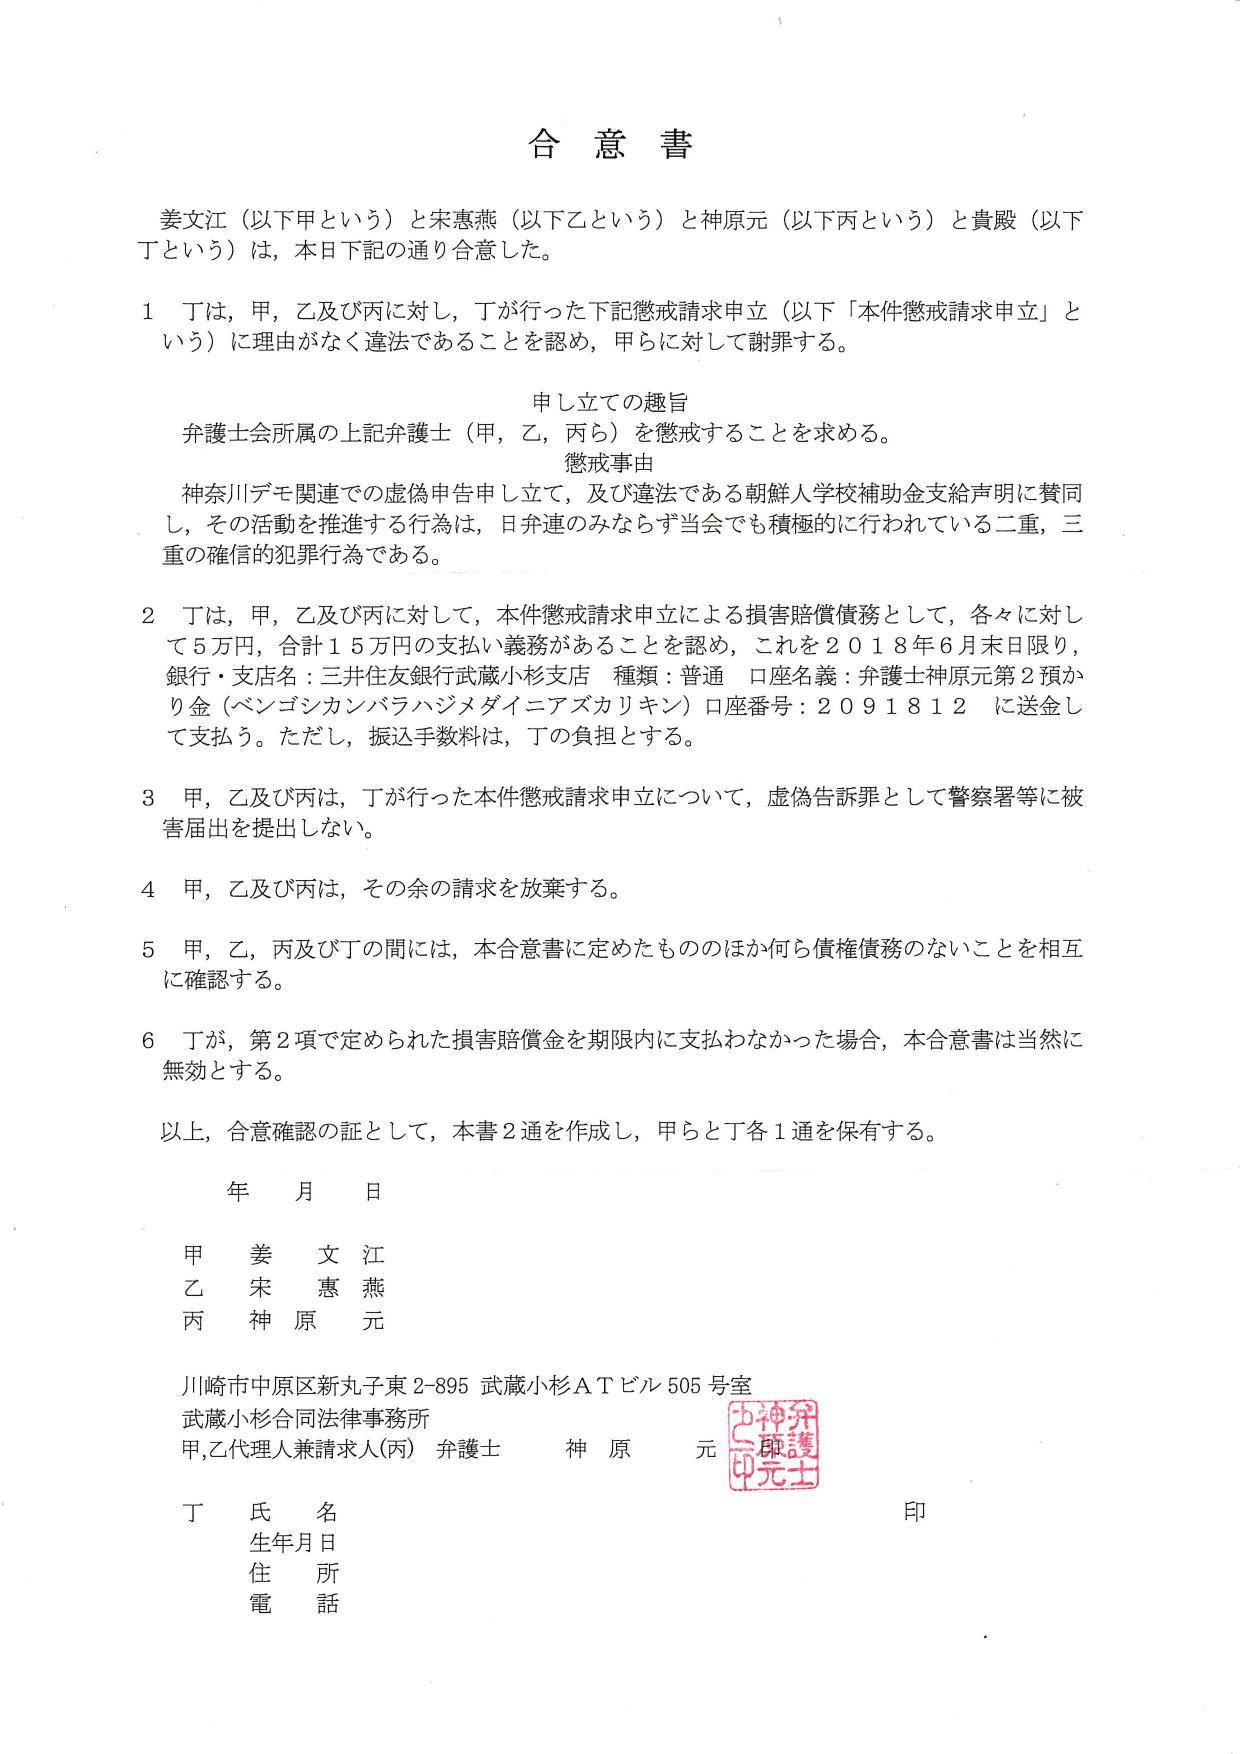 武蔵小杉合意書 (1)_000002